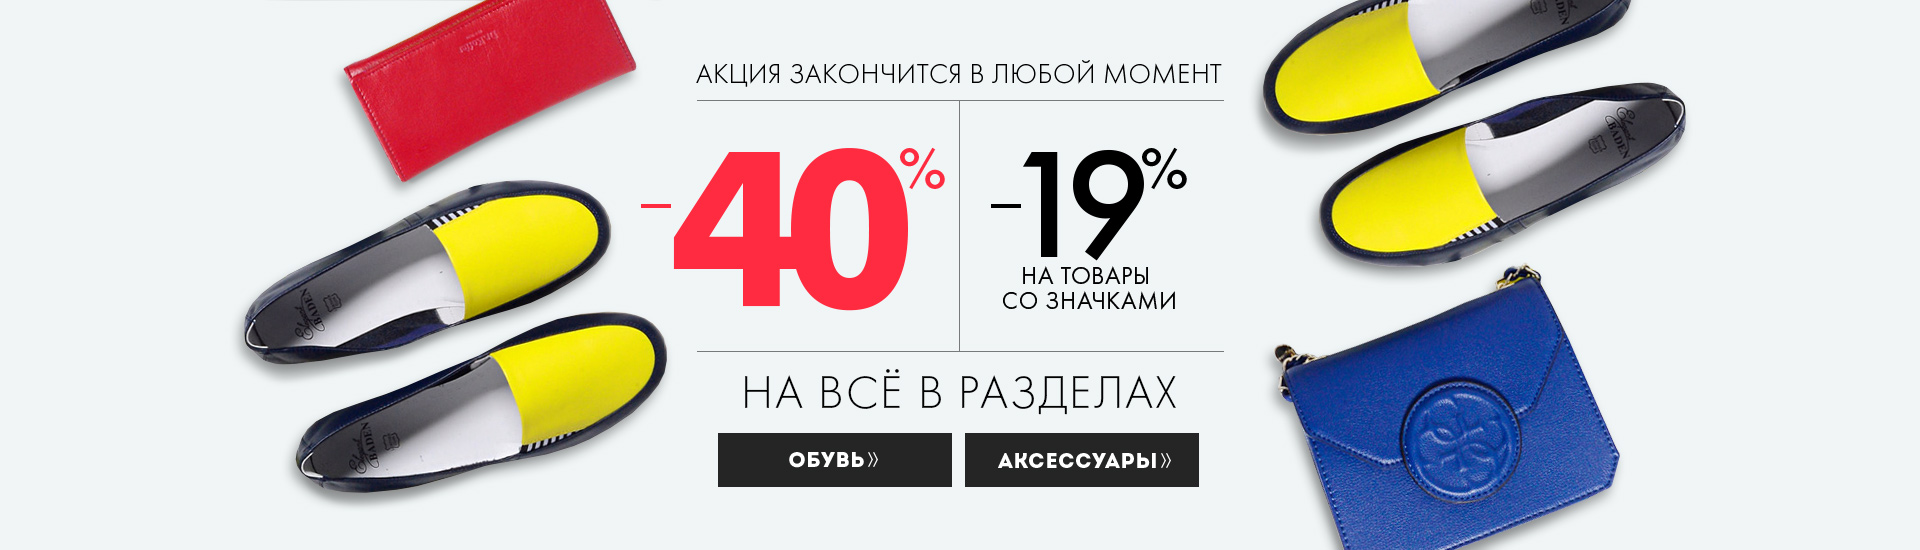 -40% Обувь и аксессуары, -19% на значки